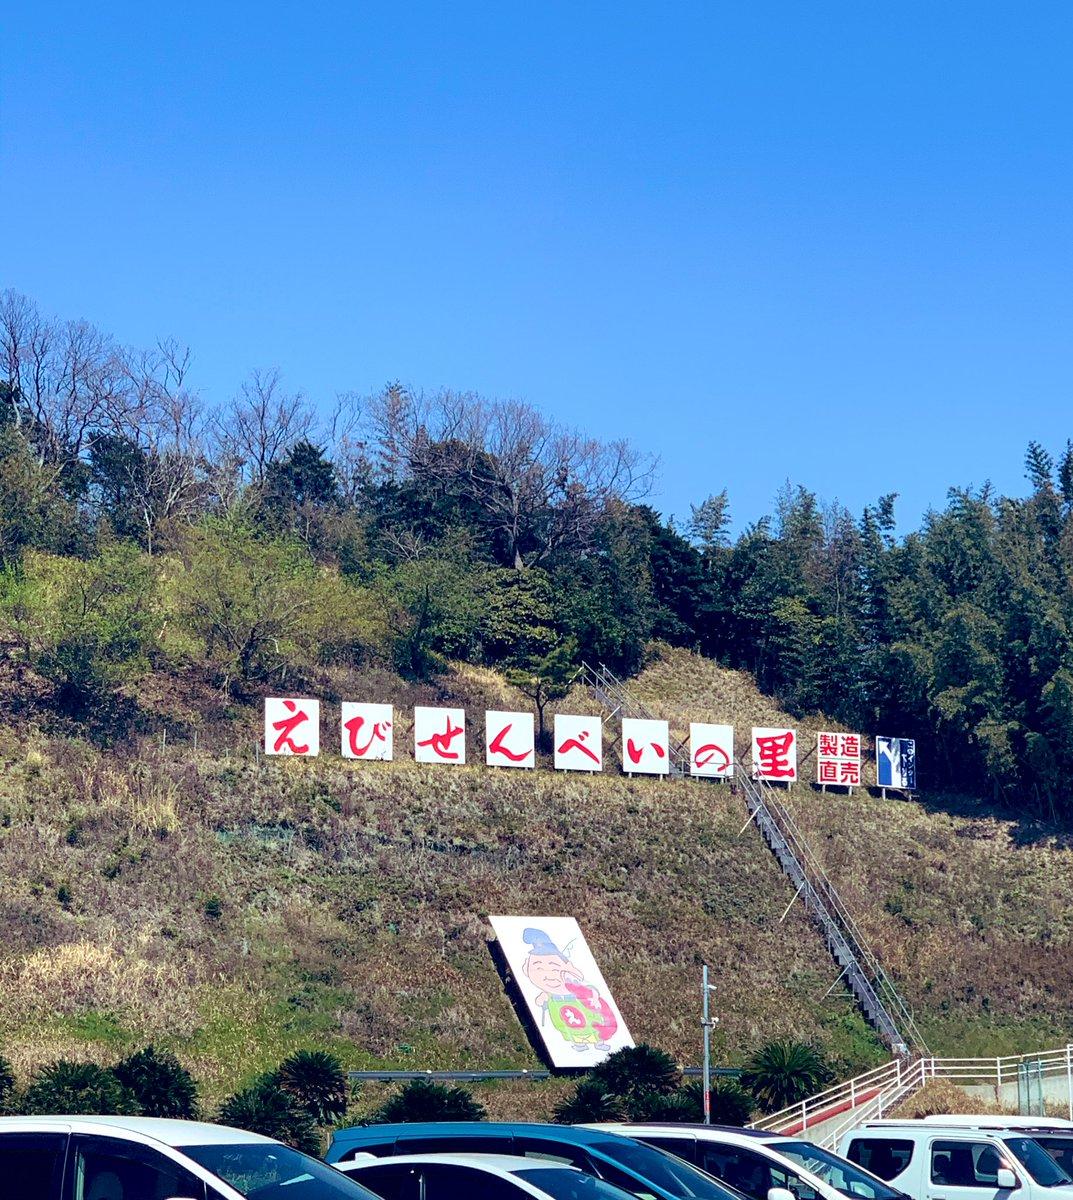 test ツイッターメディア - 今日は朝からドライブ〜♬︎♡ 目的は常滑の平五郎さん。 着物の仕立てをお願いしました。 せっかくなので…と、常滑散策、えびせんべいの里へ行き、海も見てきました(^-^)  楽しい1日になりました。  #平五郎 #常滑 #着物の仕立て #海 #えびせんべいの里 https://t.co/oKSiLZiOU5